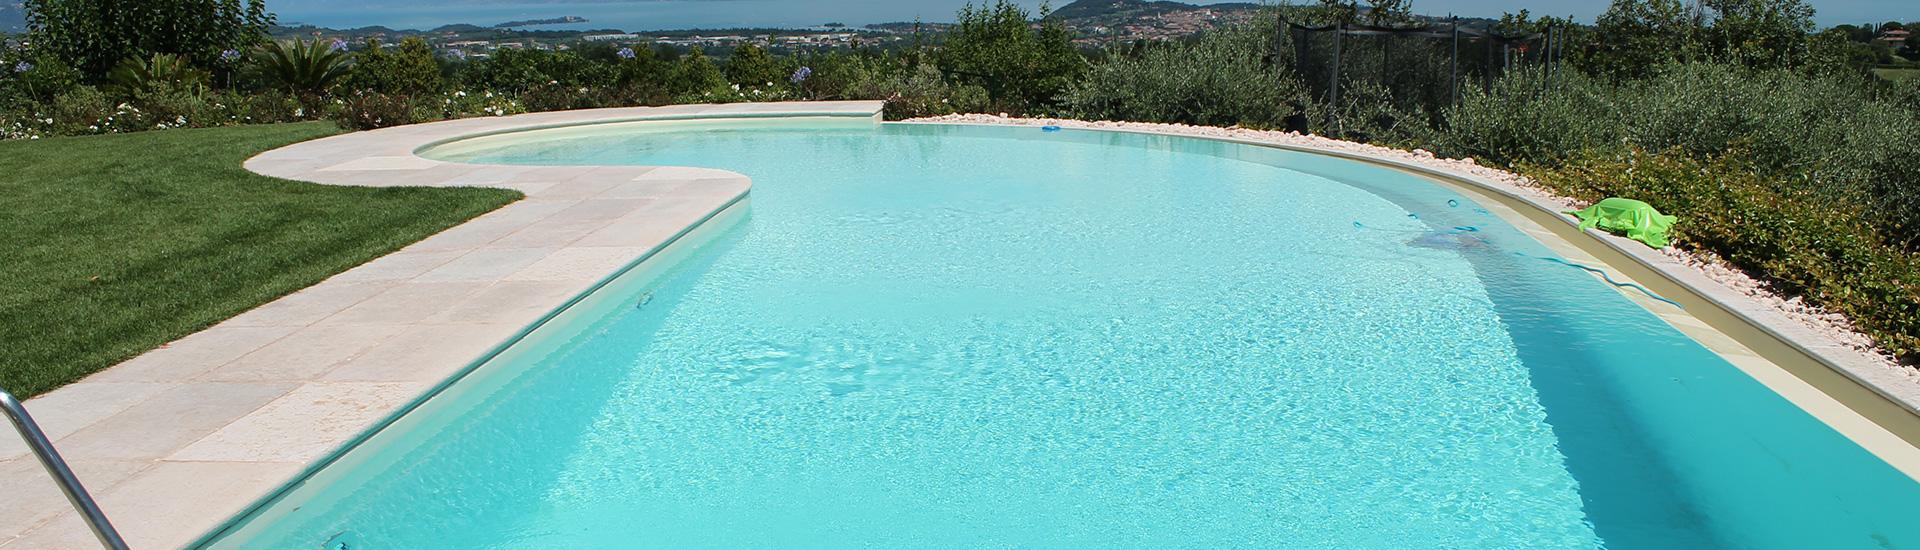 piscine in pannelli acciaio